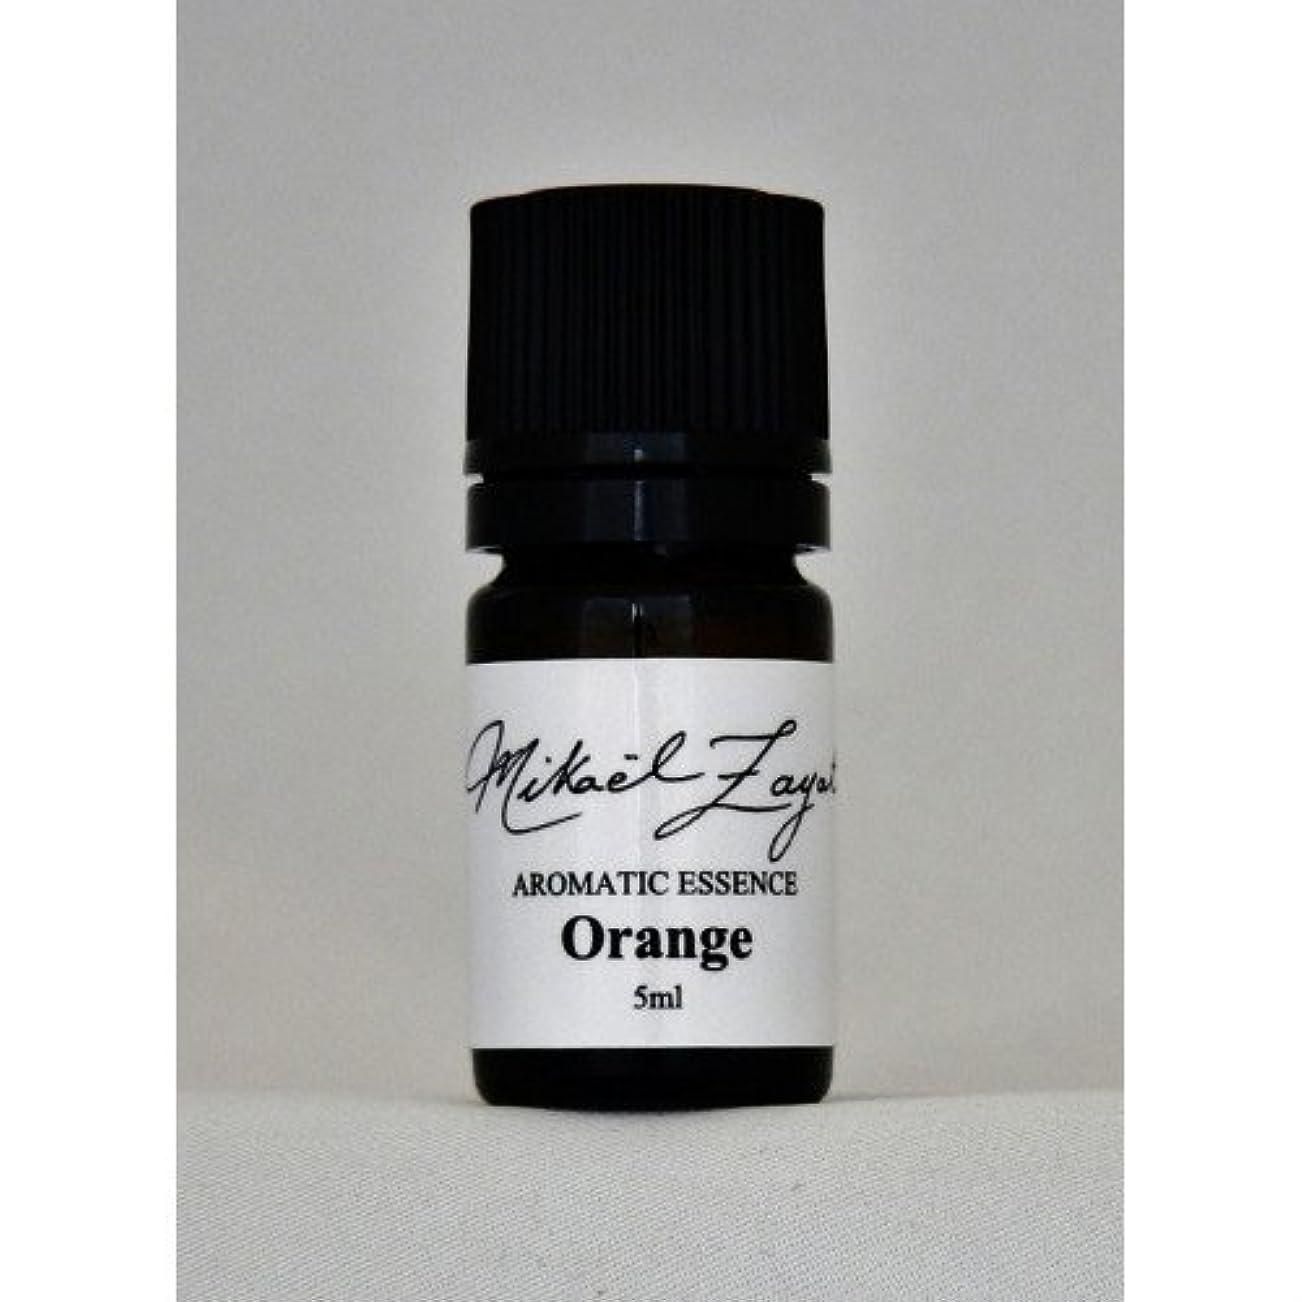 支払うテクトニック経営者ミカエル?ザヤット アロマティックエッセンス オレンジ 50ml Orange 50ml 日本国内正規品